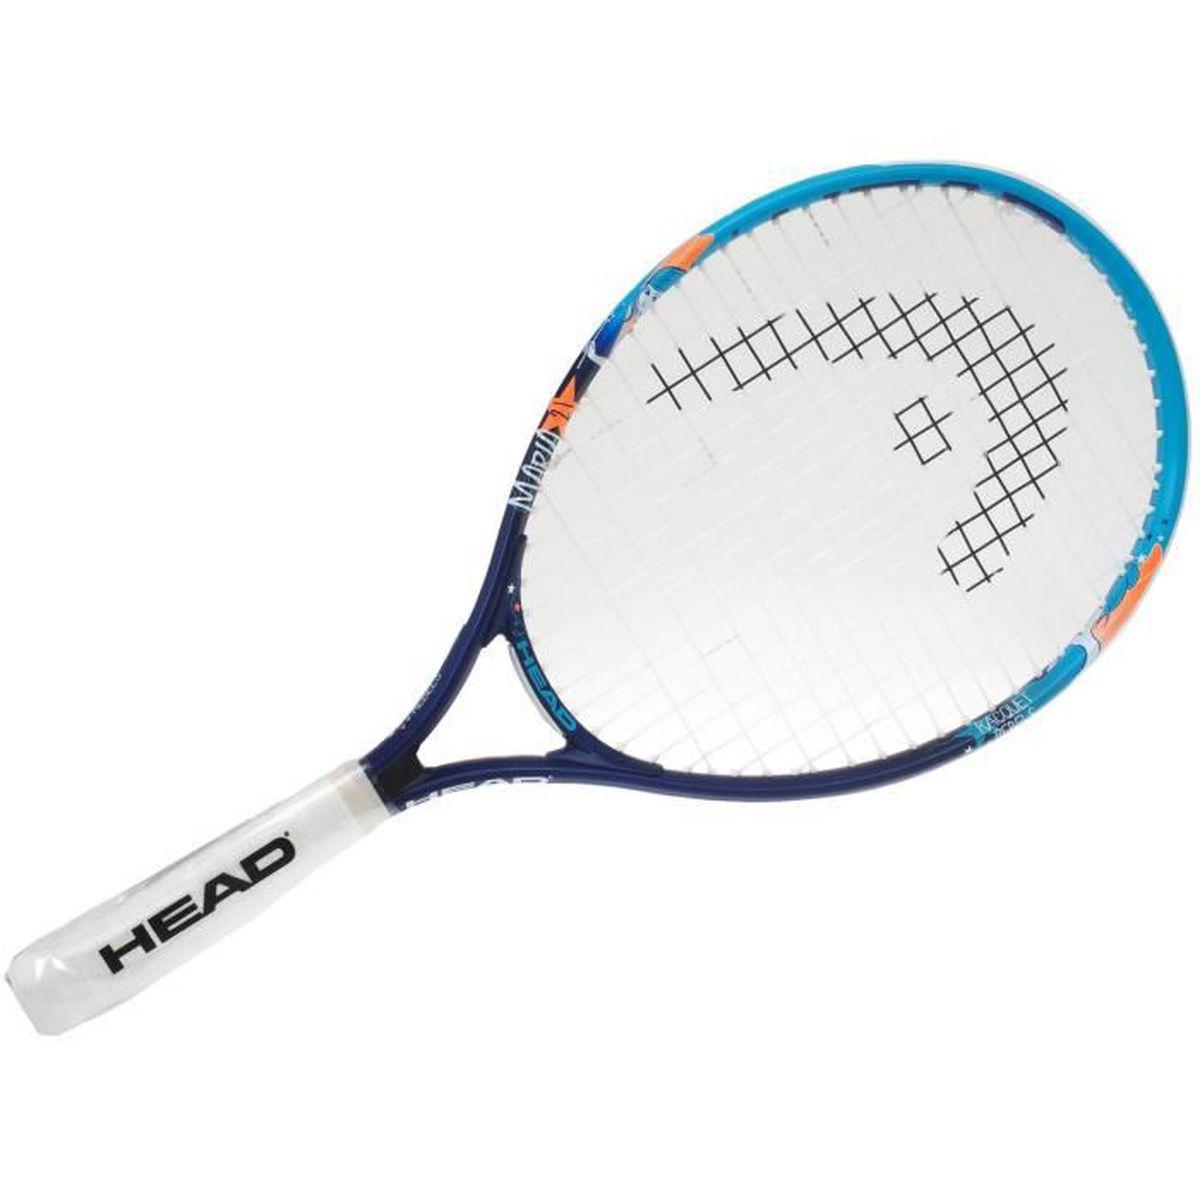 aca428974db0e Raquette de tennis Maria 21 - Head UNI Bleu Moyen - Prix pas cher ...